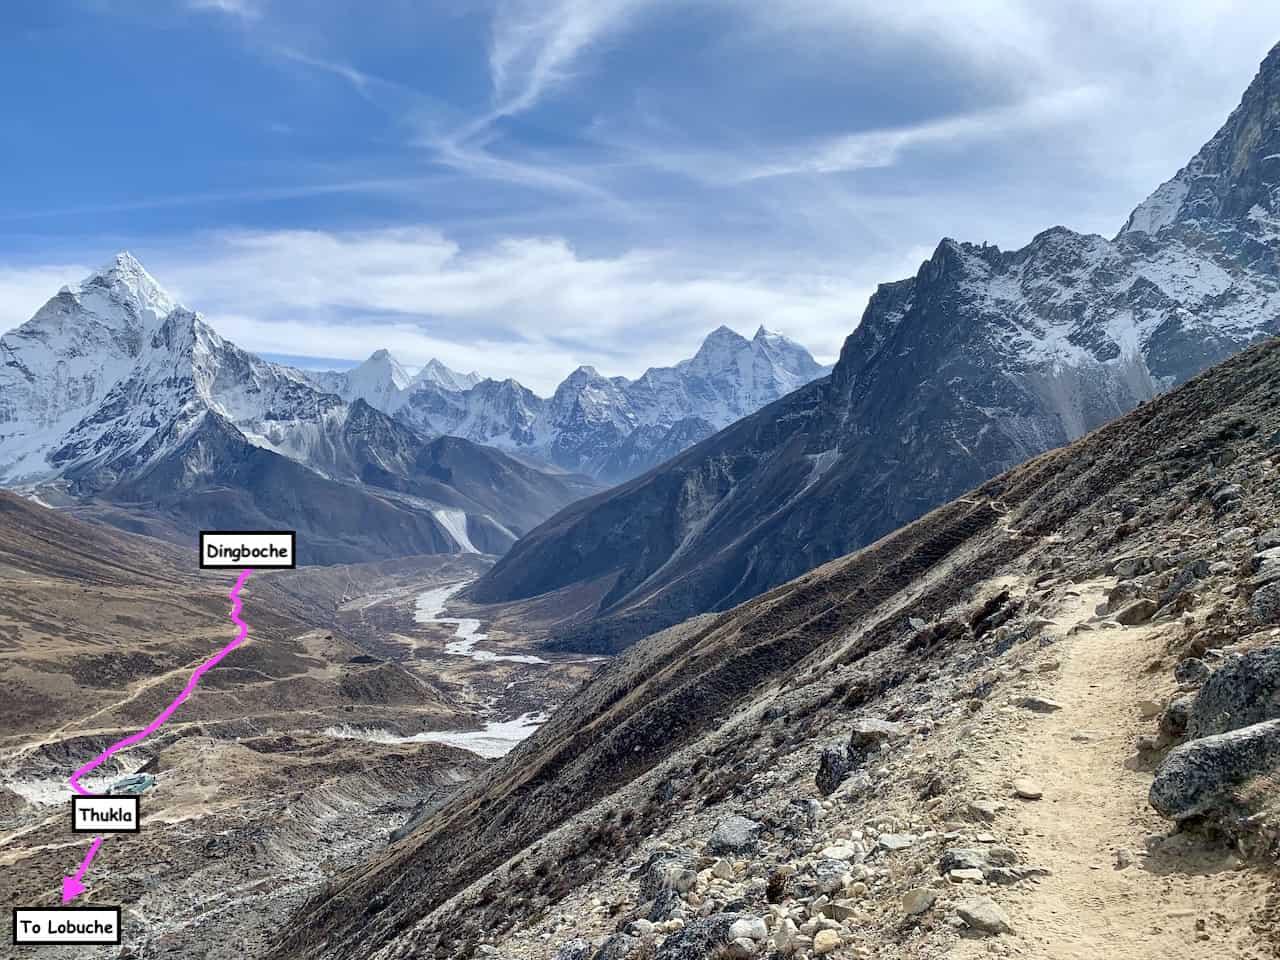 Dingboche to Lobuche Trail